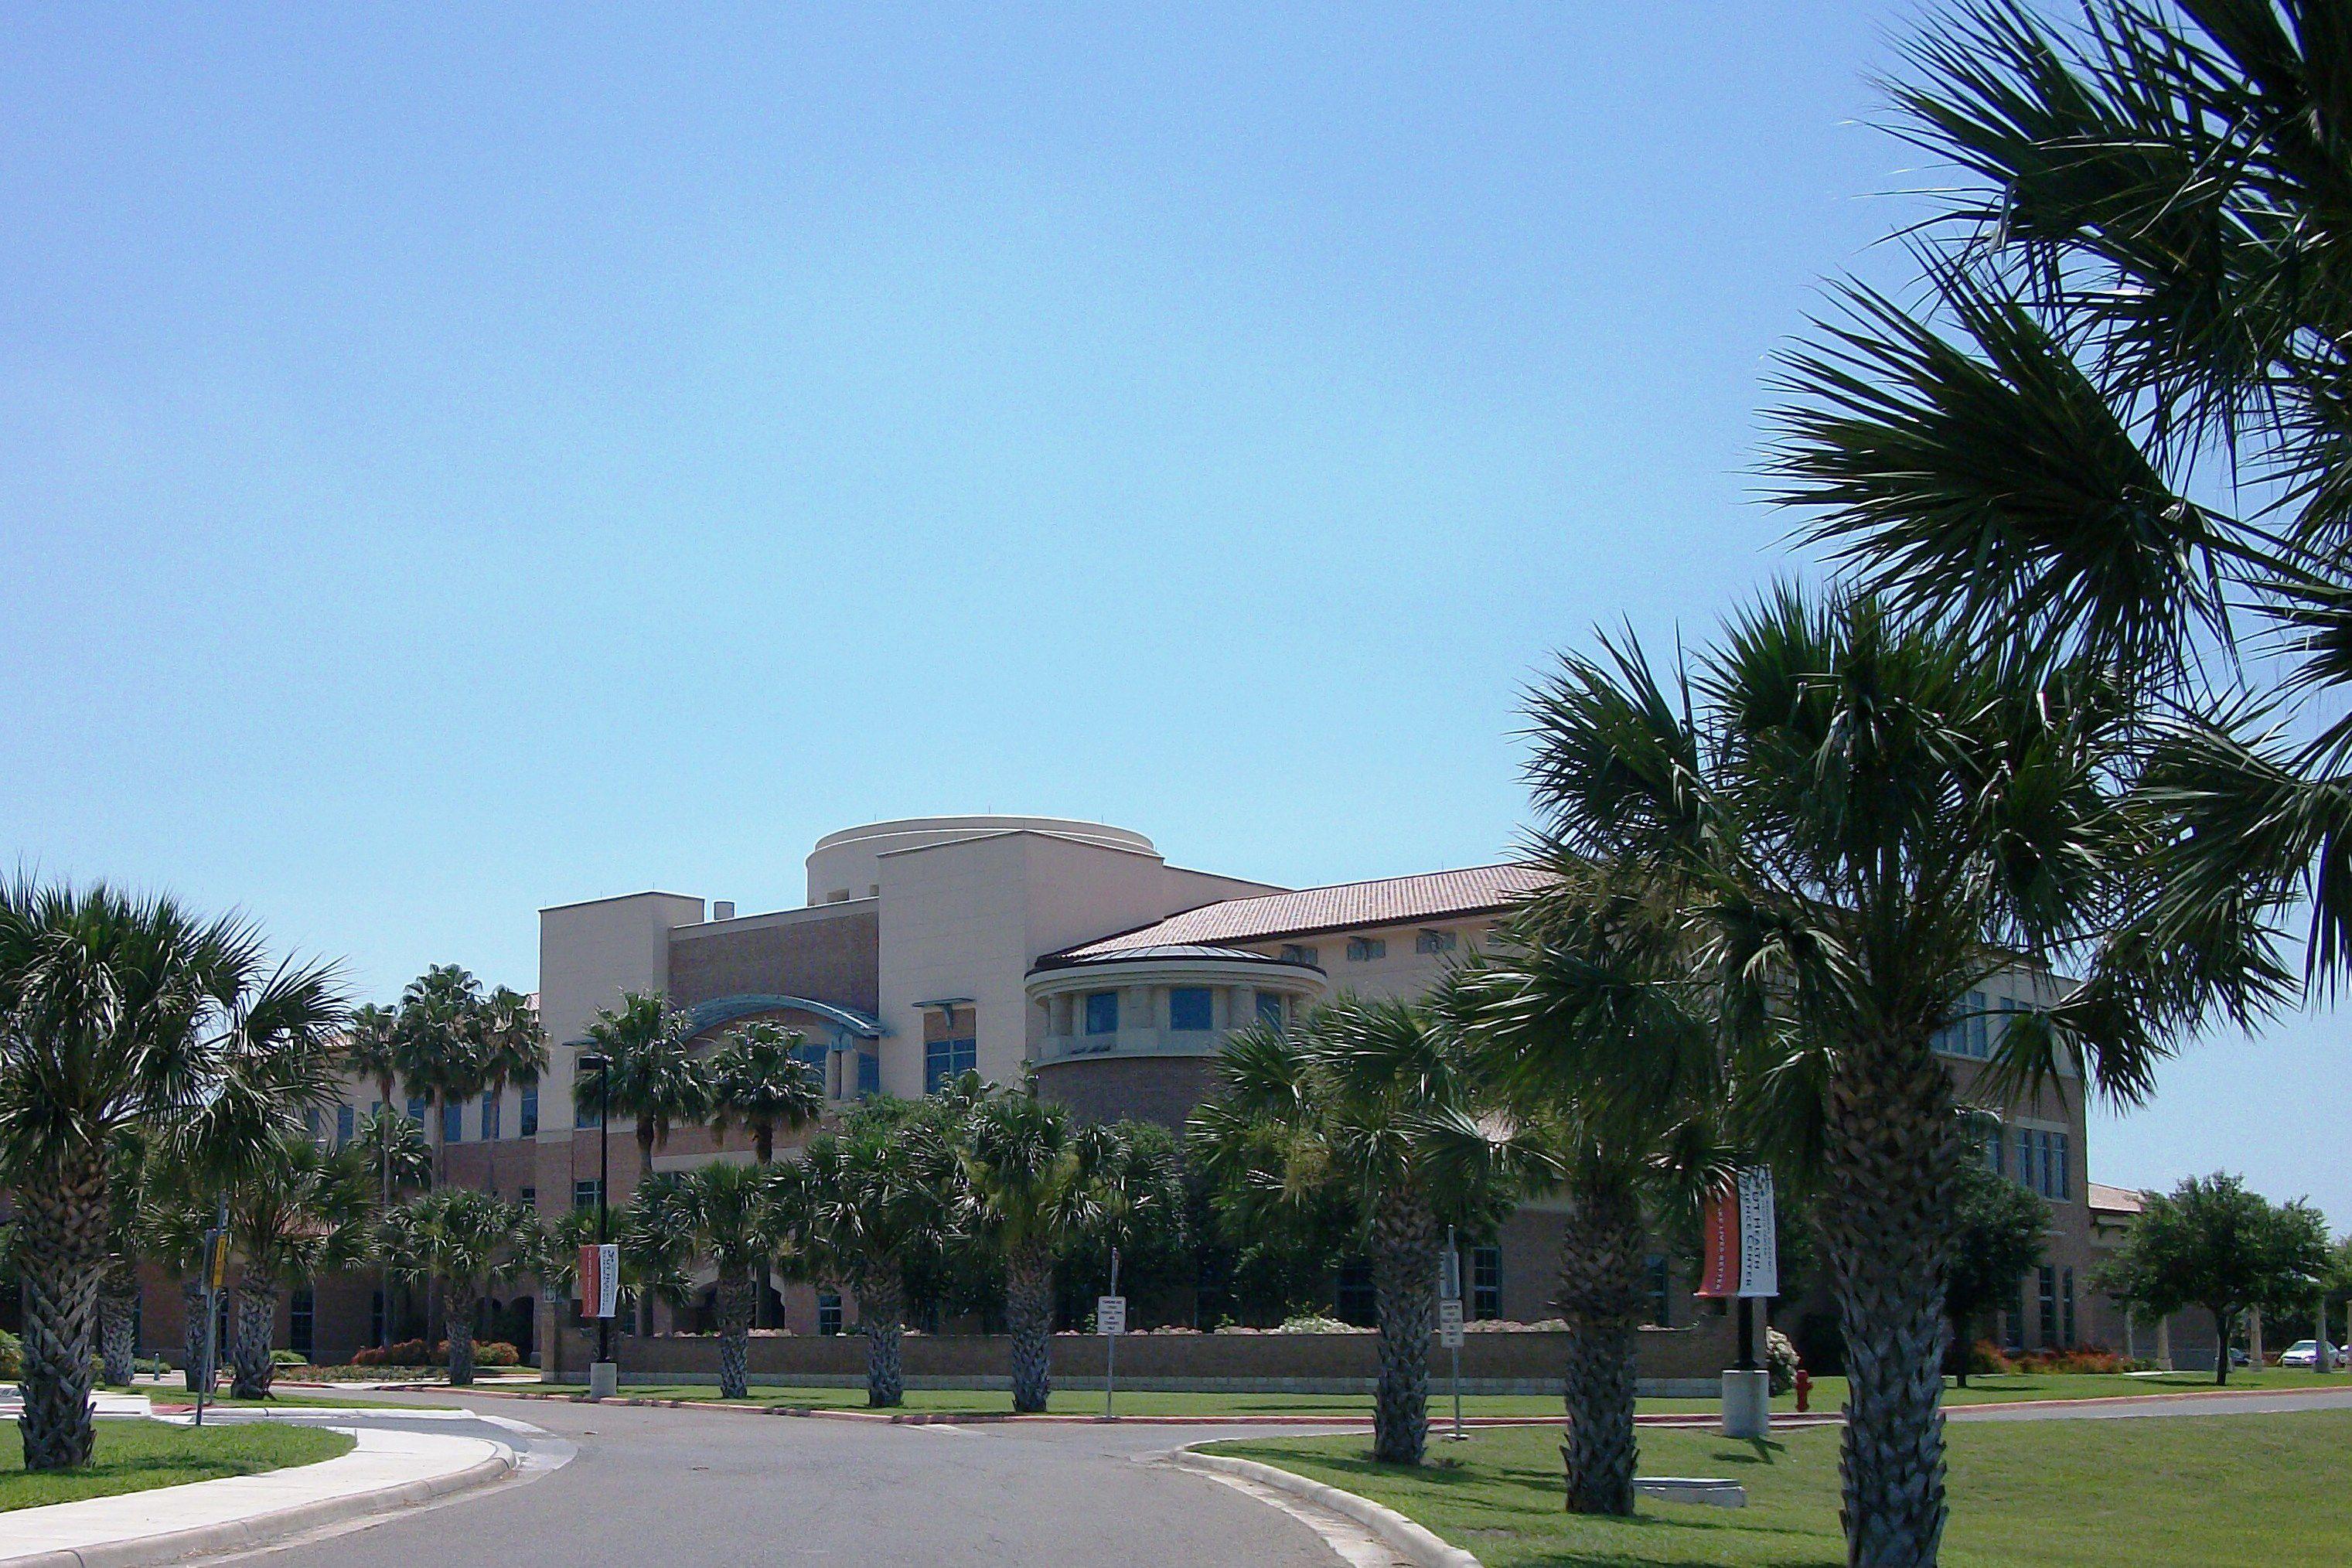 The University of Texas Rio Grande Valley Medical School